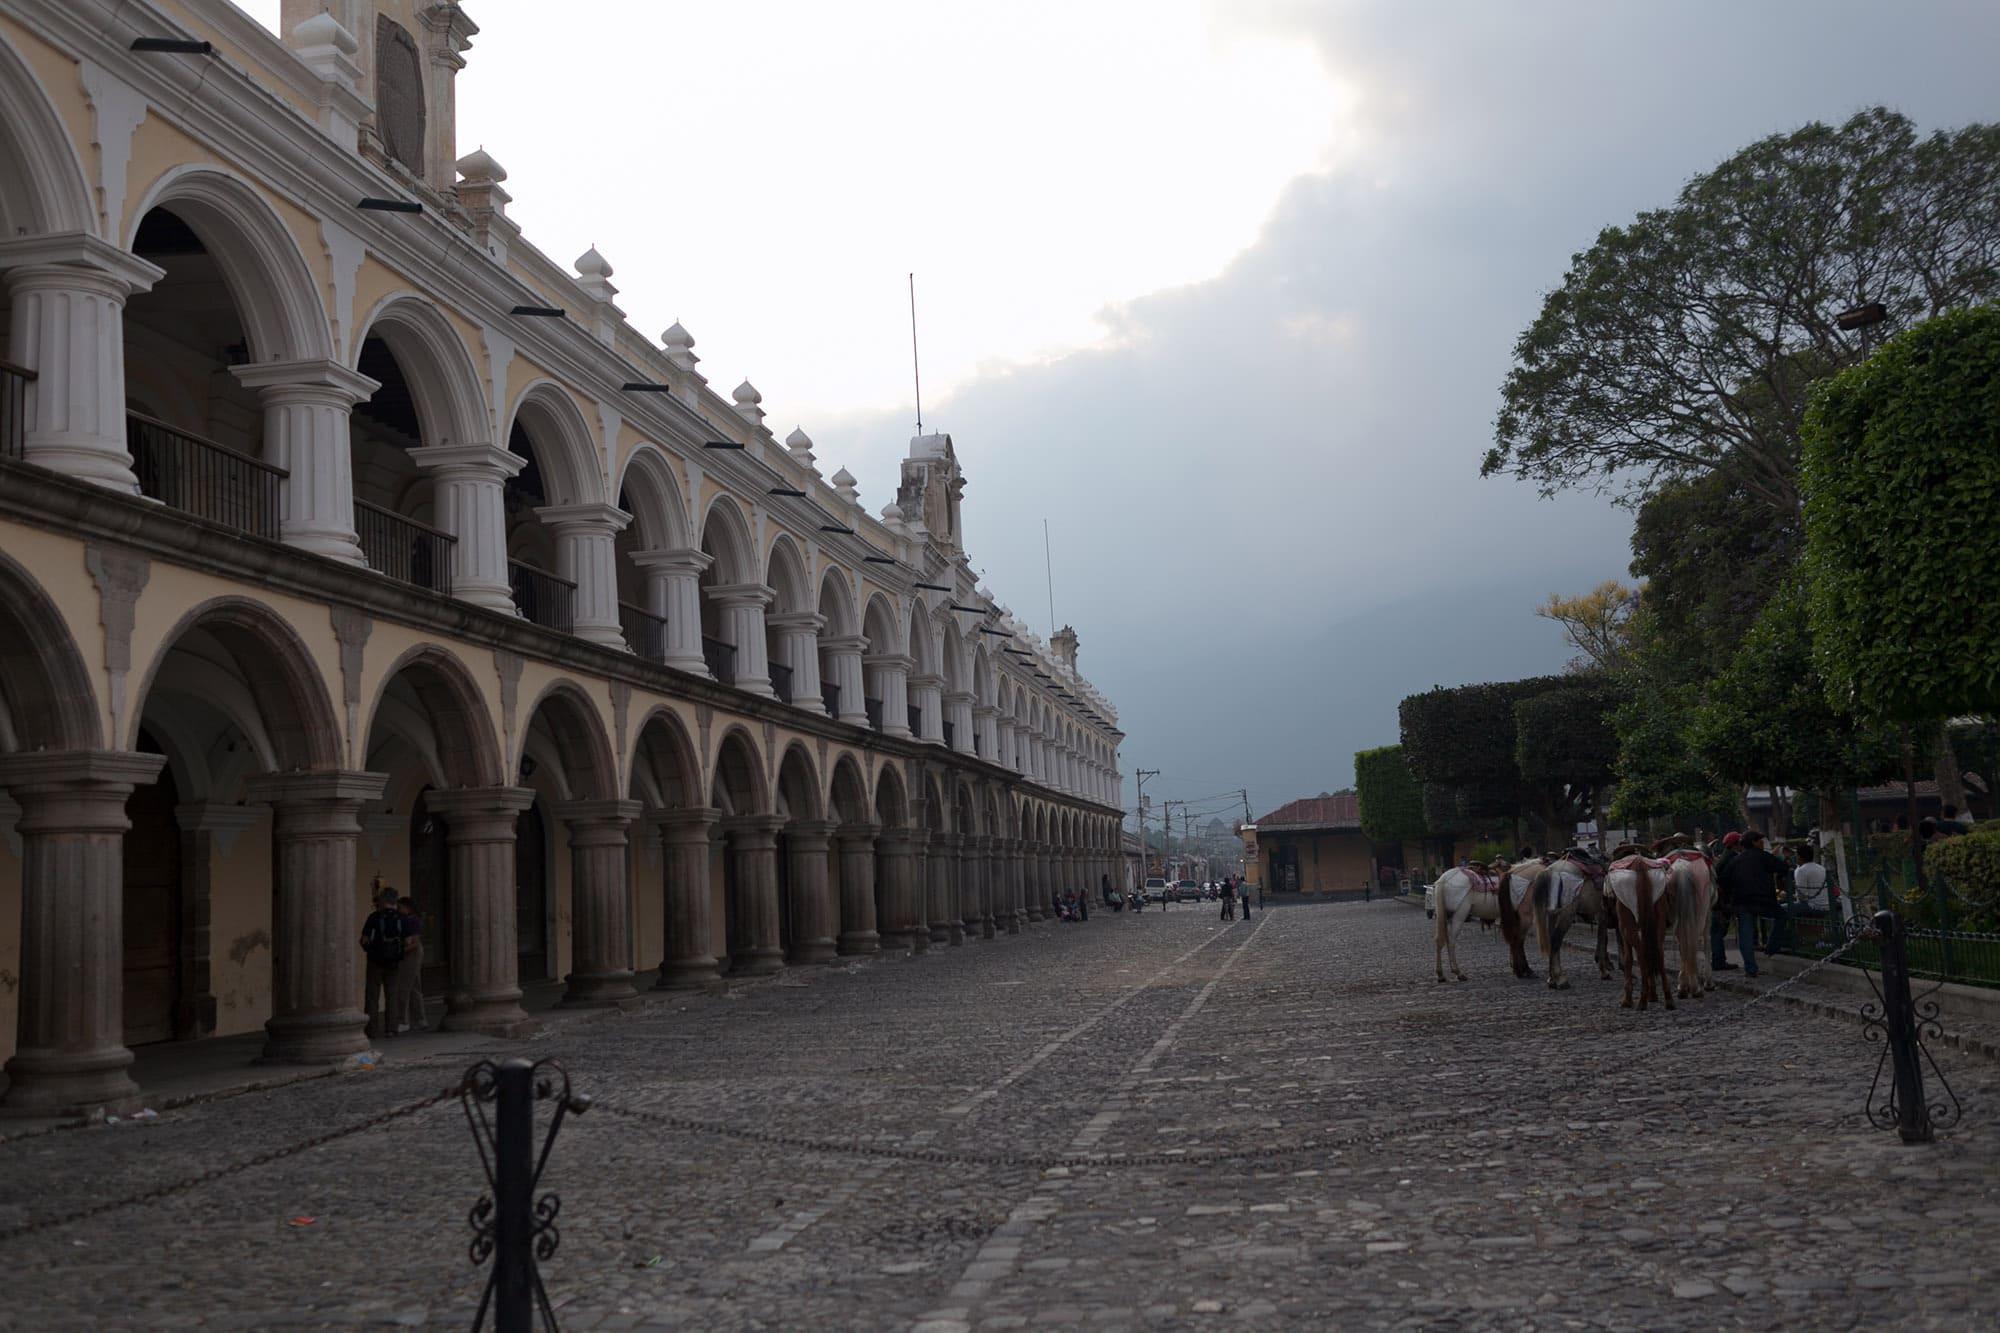 Parque Central in Antigua, Guatemala.